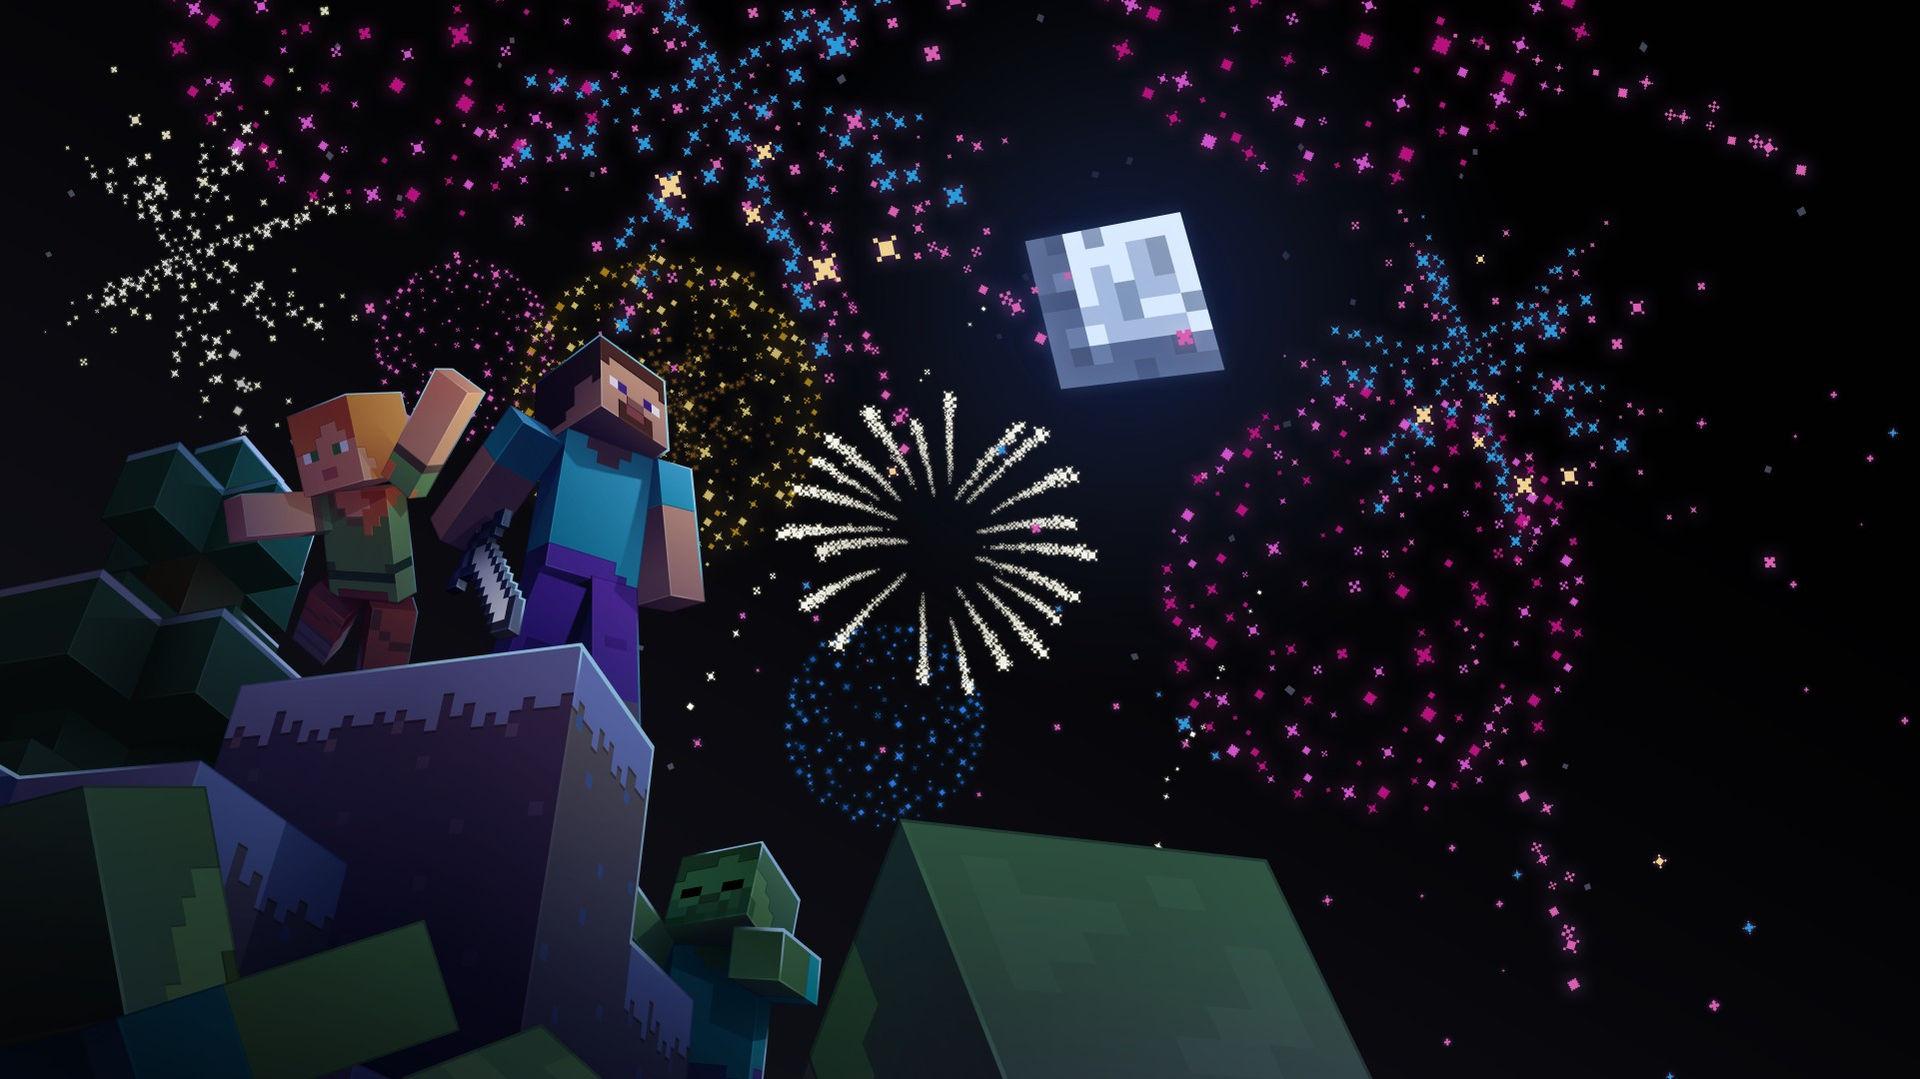 Nu har det sålts 200 miljoner exemplar av Minecraft